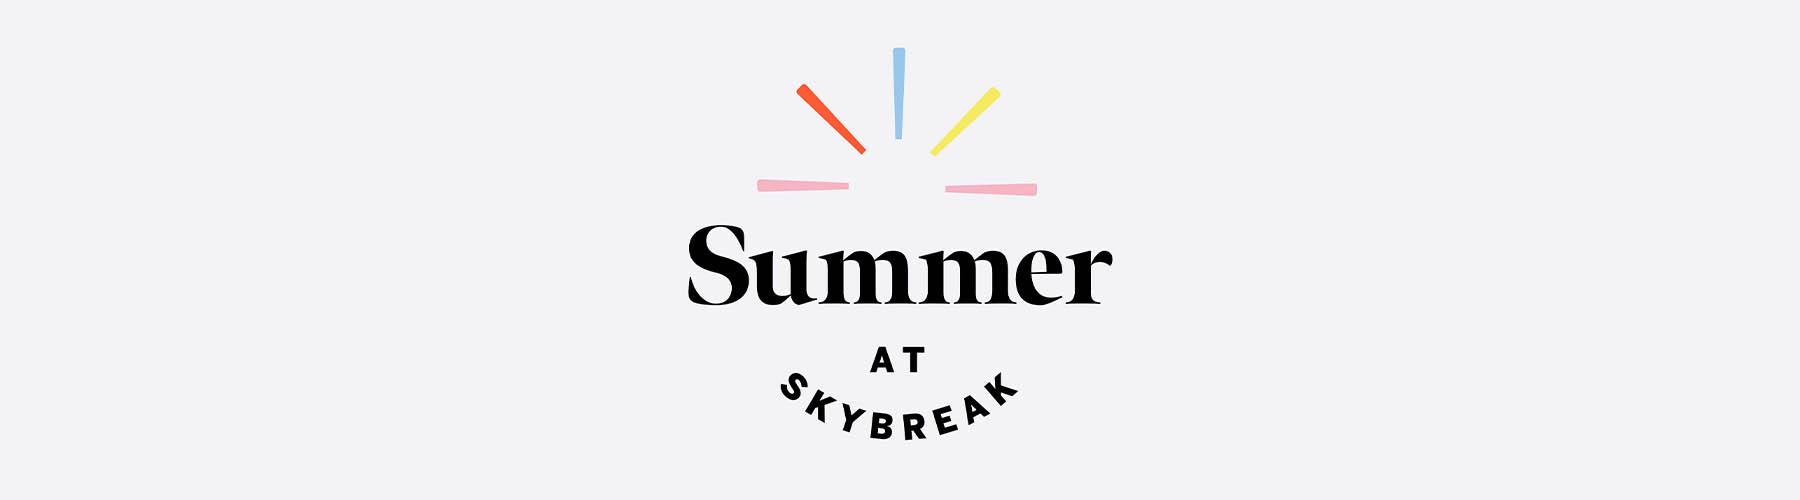 Summer at Skybreak 2021